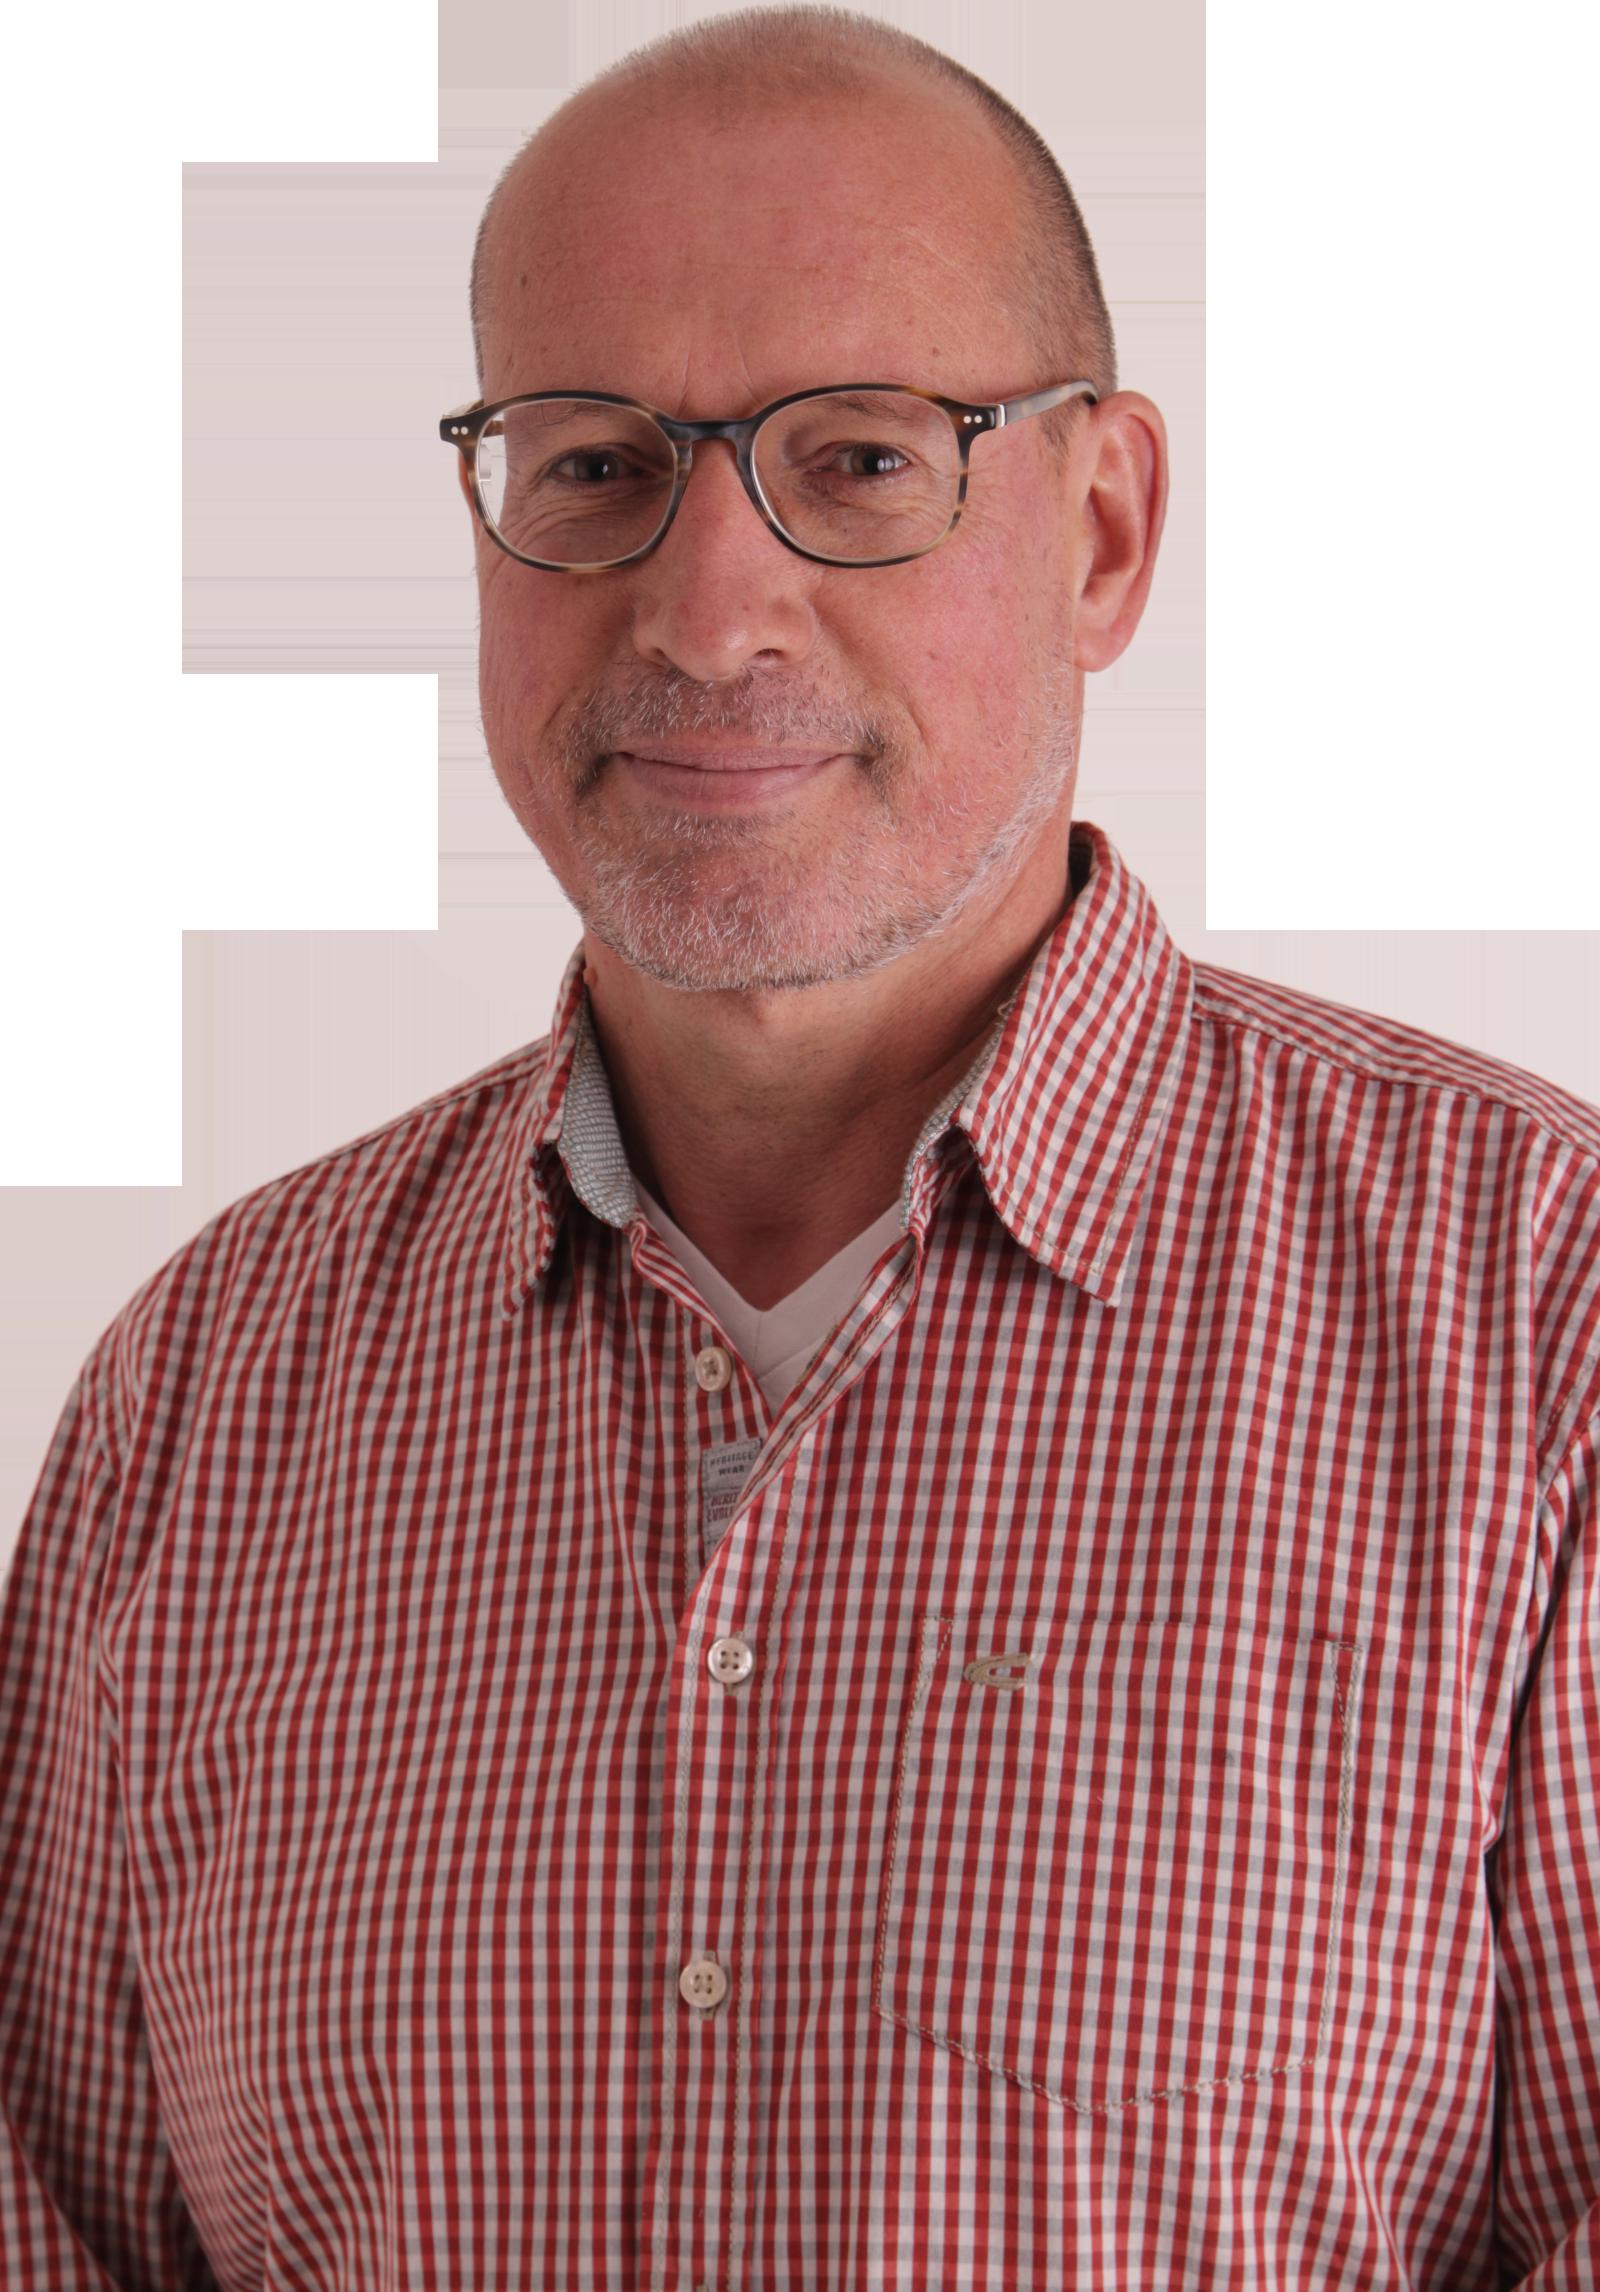 Stefan Umscheid